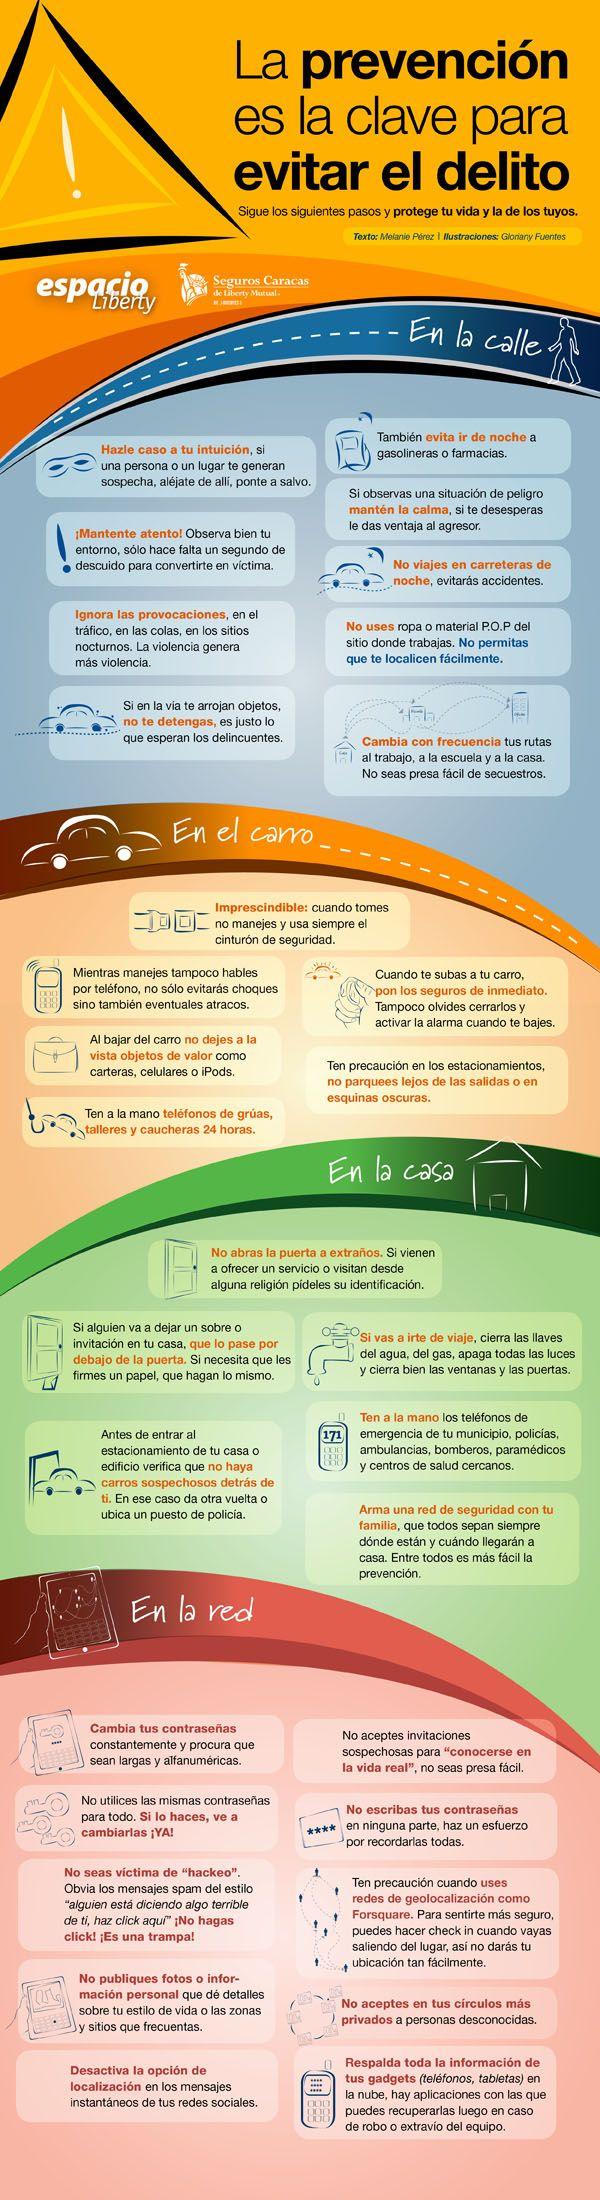 La prevención es la clave para evitar delitos #infografía